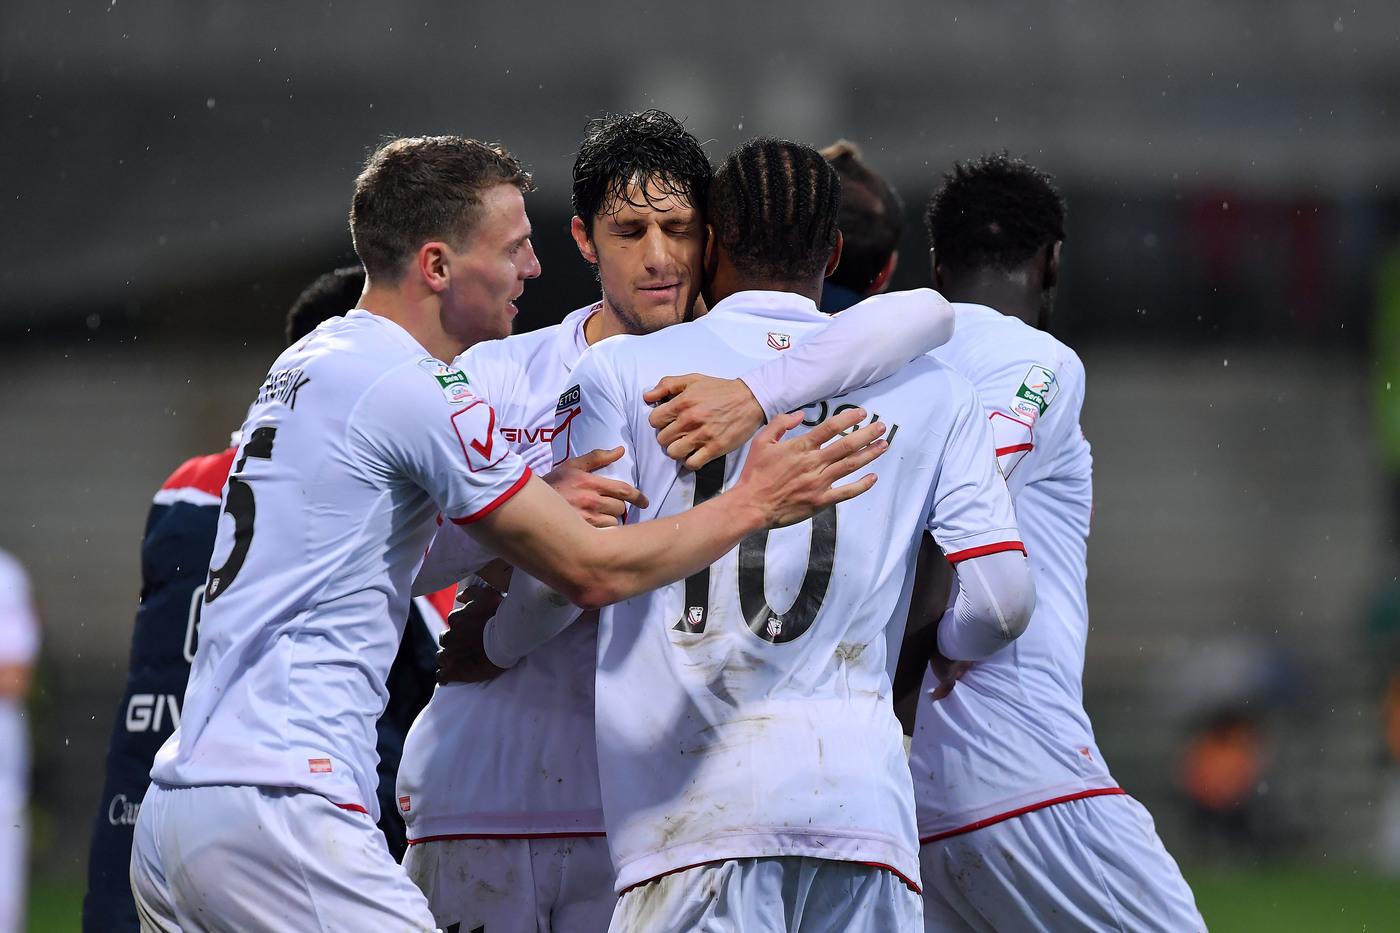 Serie B, Verona-Carpi domenica 16 settembre: analisi e pronostico della terza giornata del campionato cadetto italiano